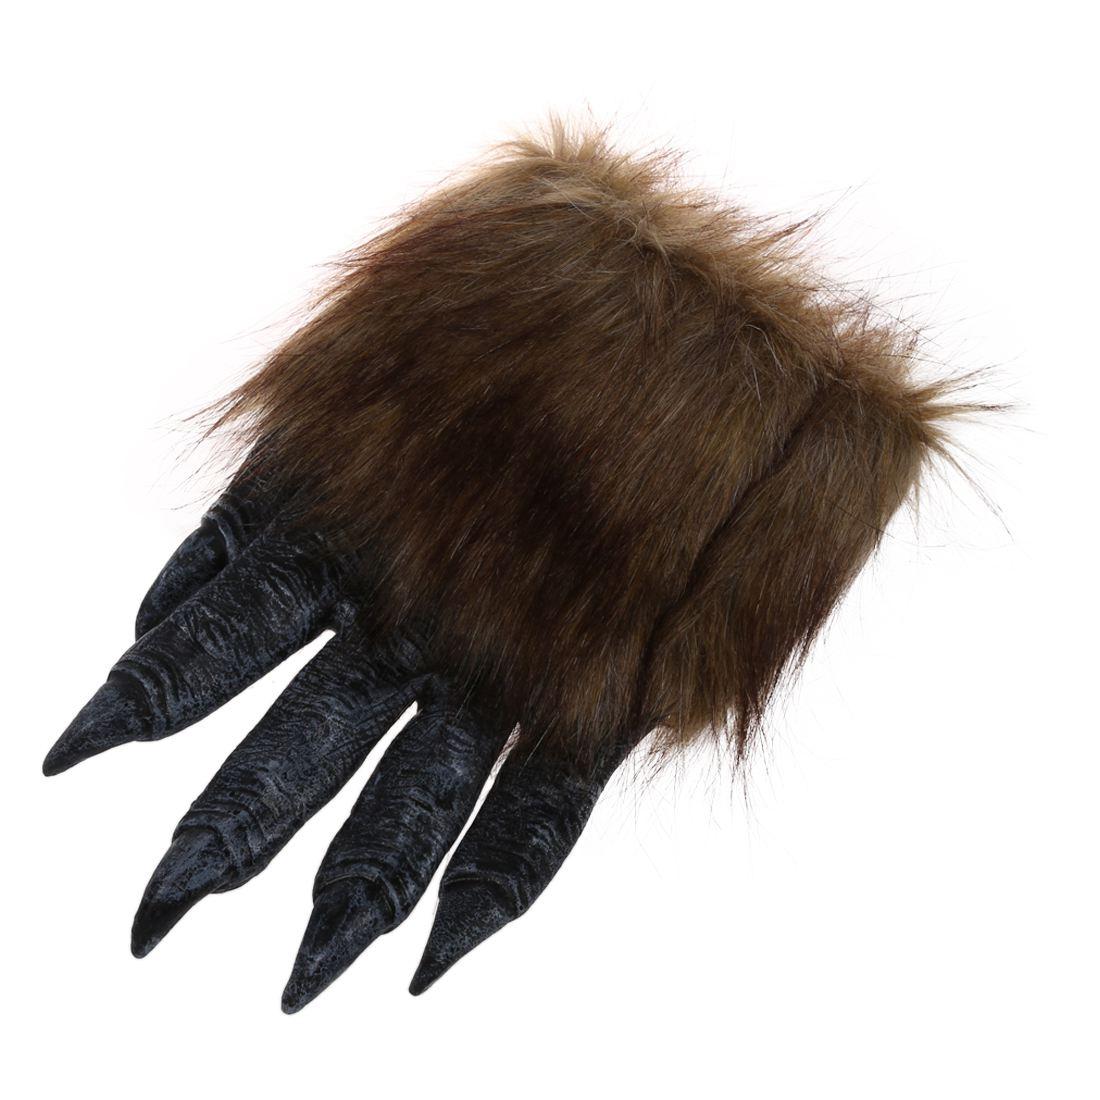 1 Pair Wolf Gloves Halloween Mask Animal Set Werewolf Masquerade